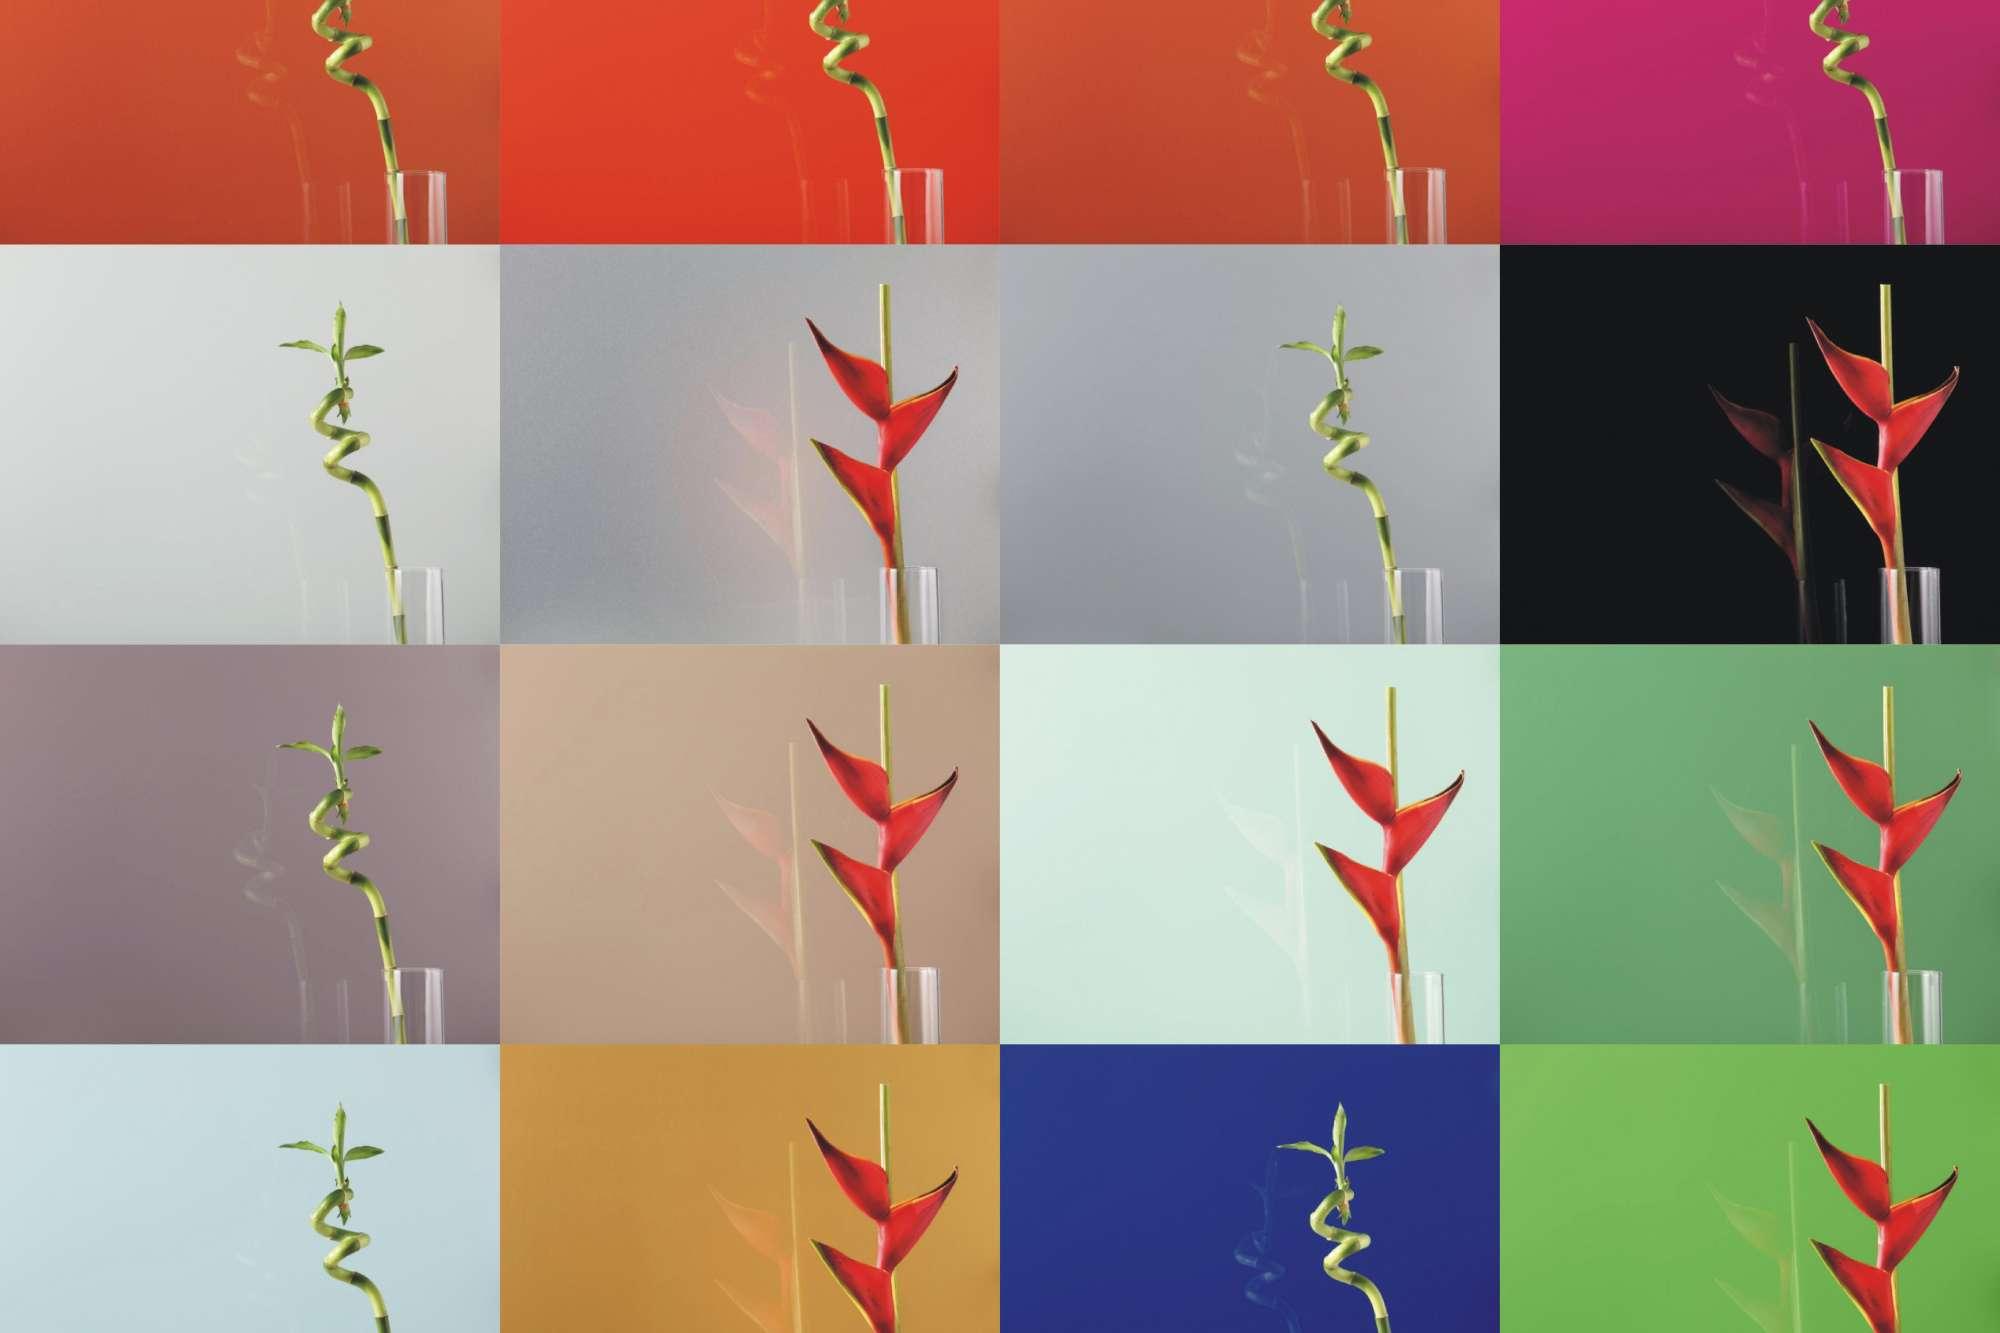 Lacobel Kolory Paleta Kolorow Krakow - Lustra dekoracyjne w realizacjach komercyjnych